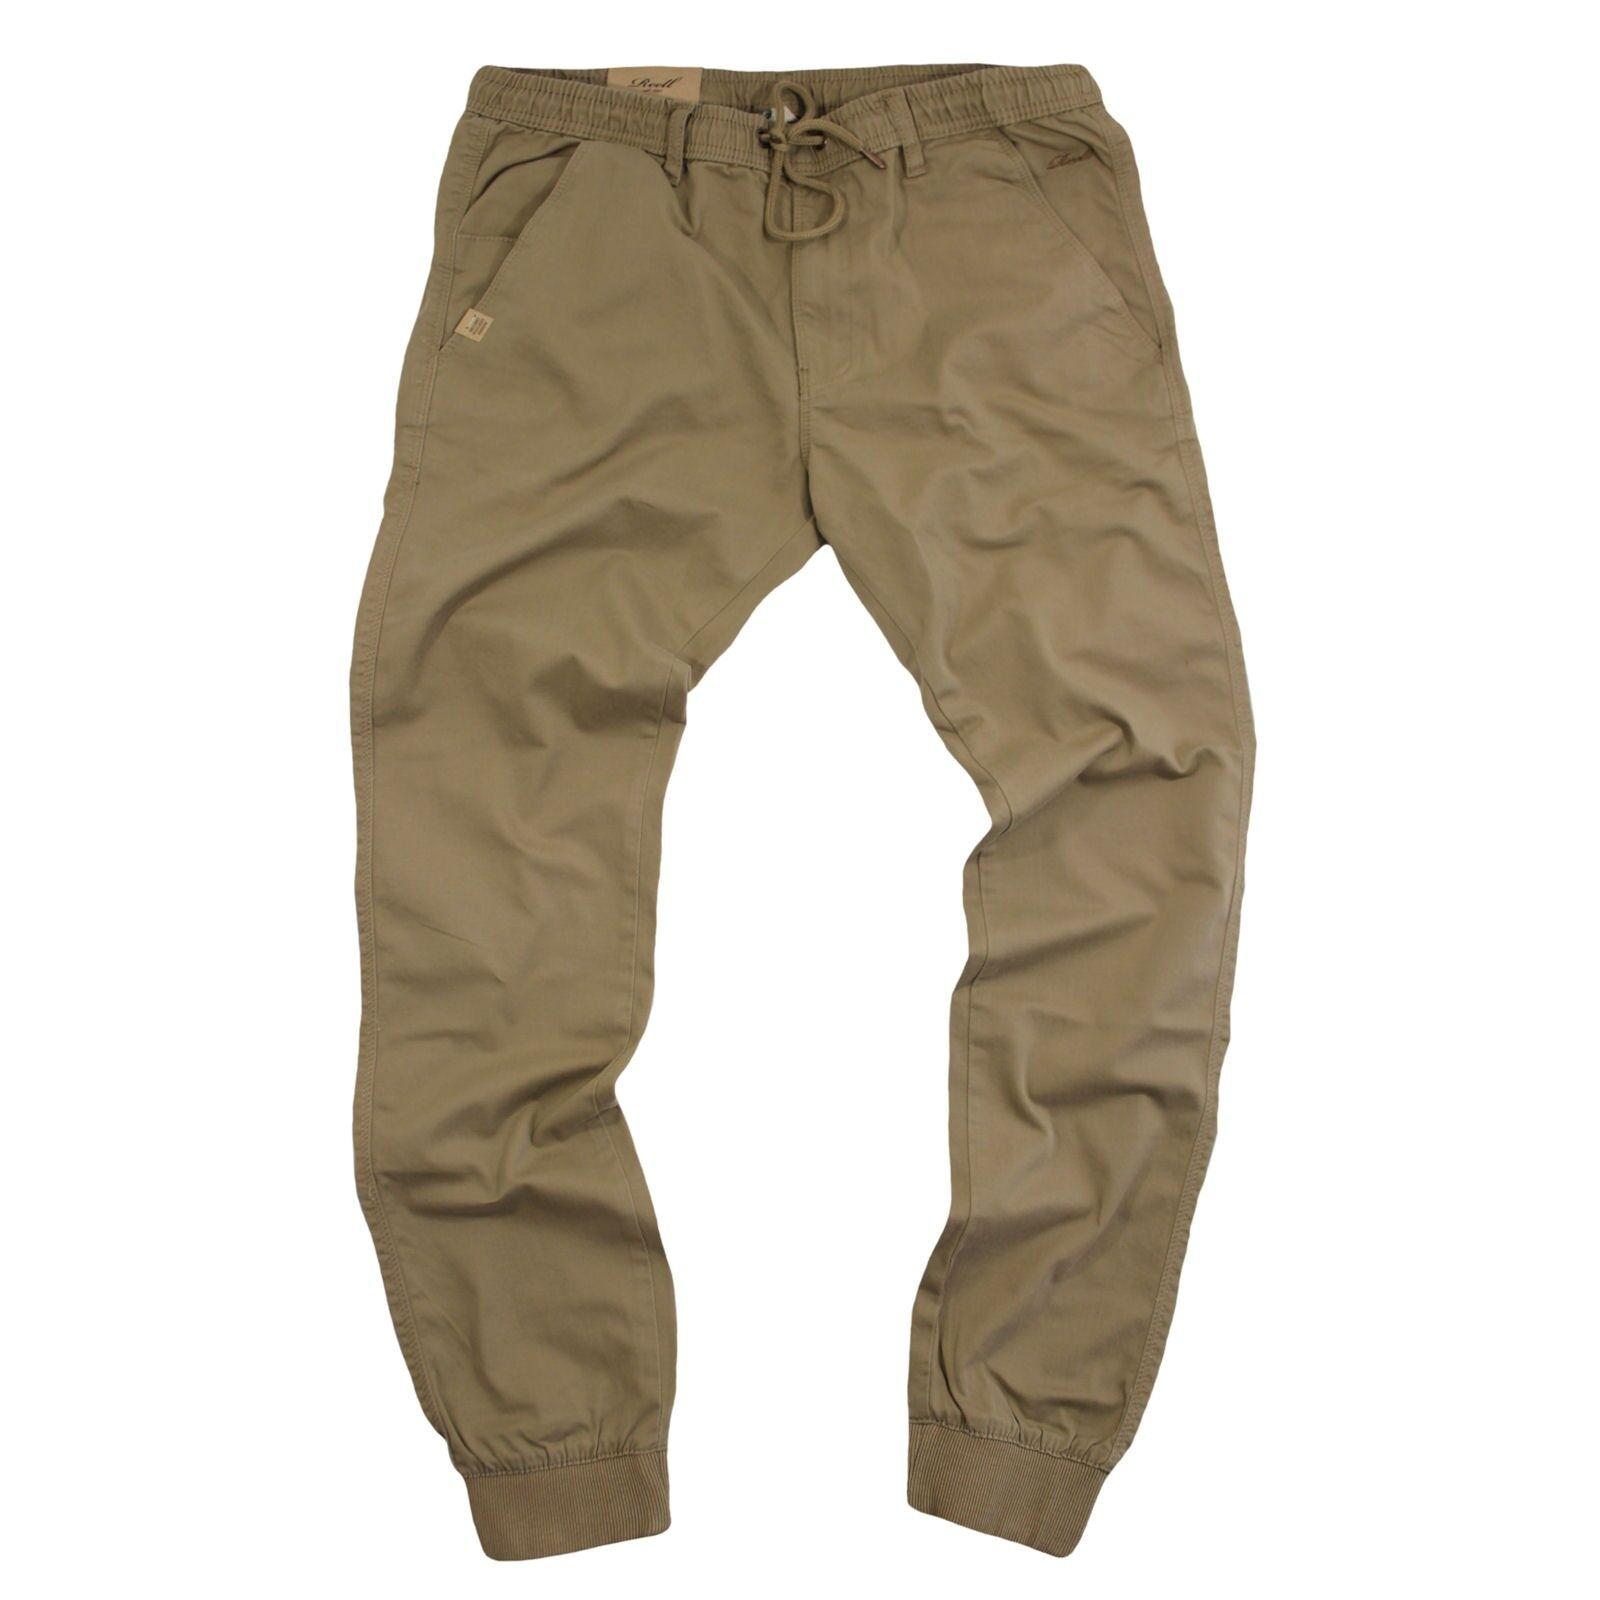 Real  jeans señores reflex rib Pant pantalones dark arena Long  oferta especial